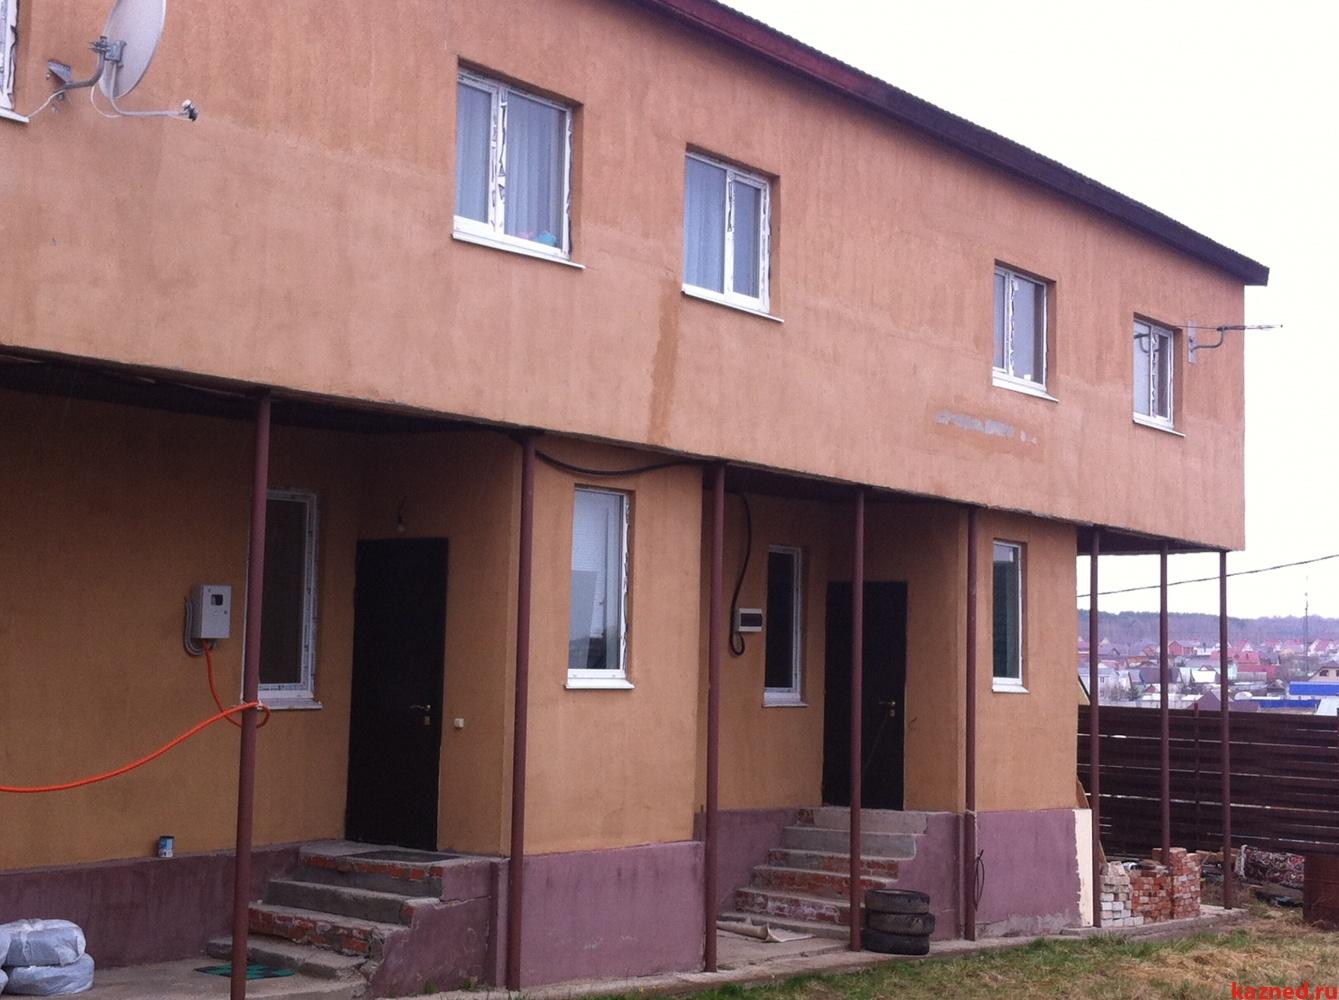 2-х эт.квартира, в Танхаусе, 100 кв.м., пос.Константиновка (миниатюра №6)